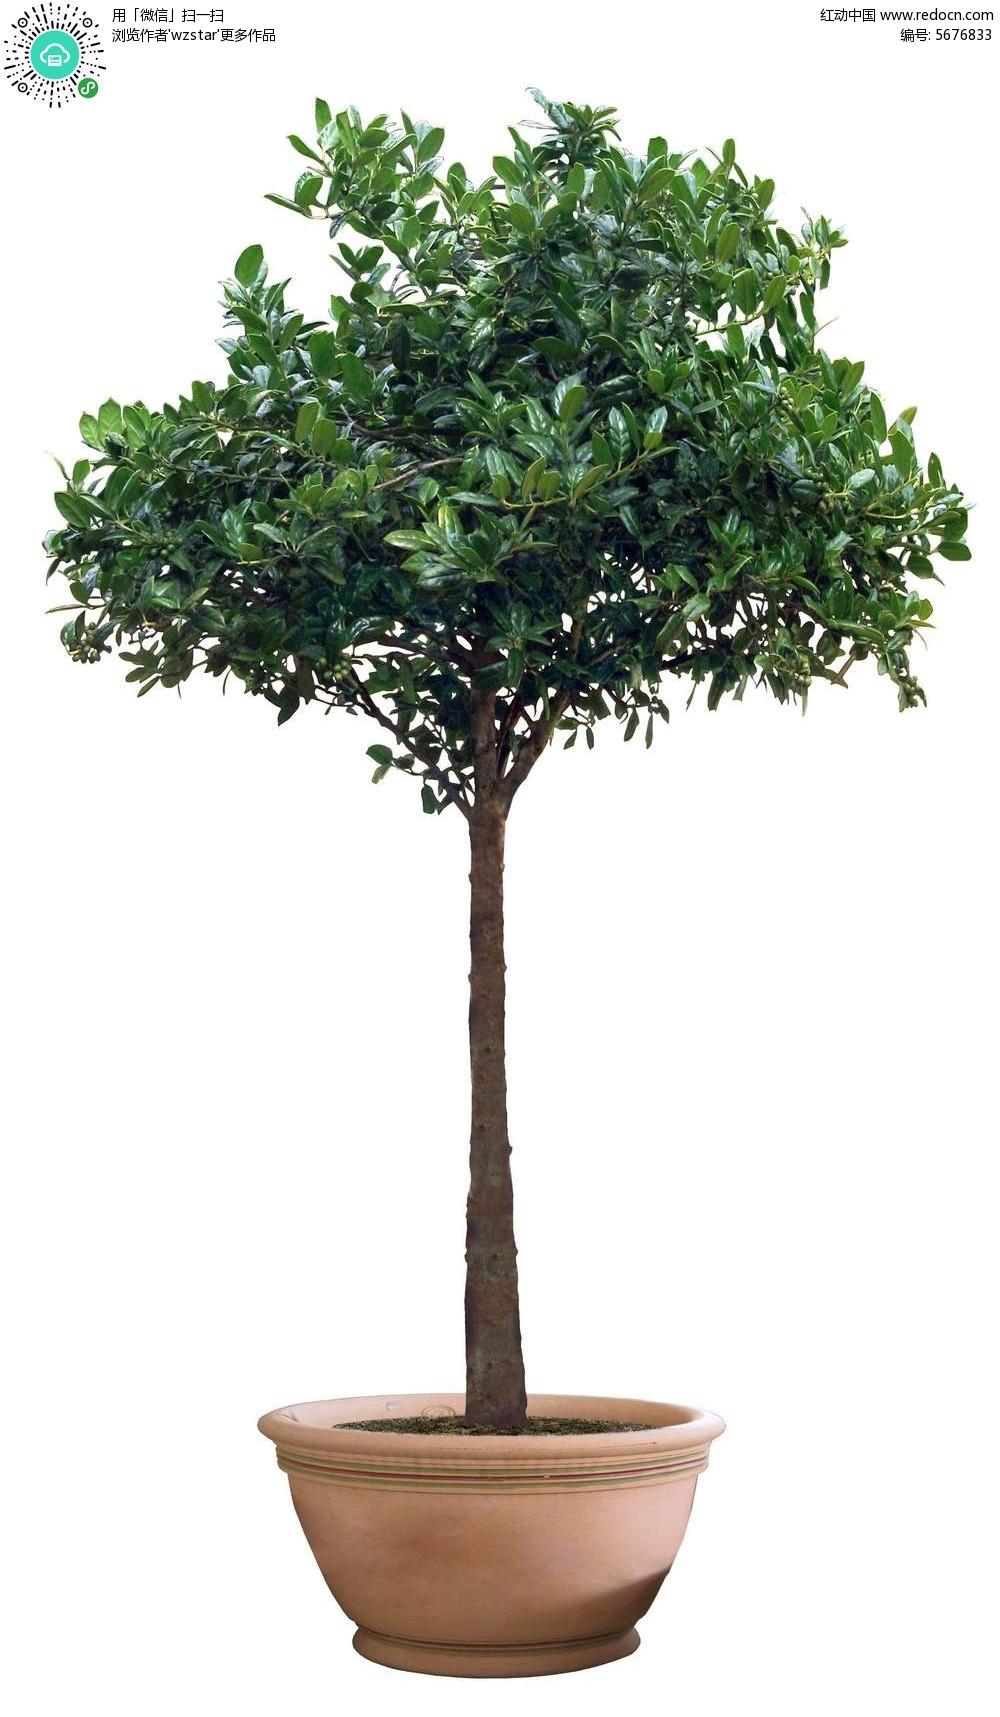 一棵翠绿色小树盆栽植物